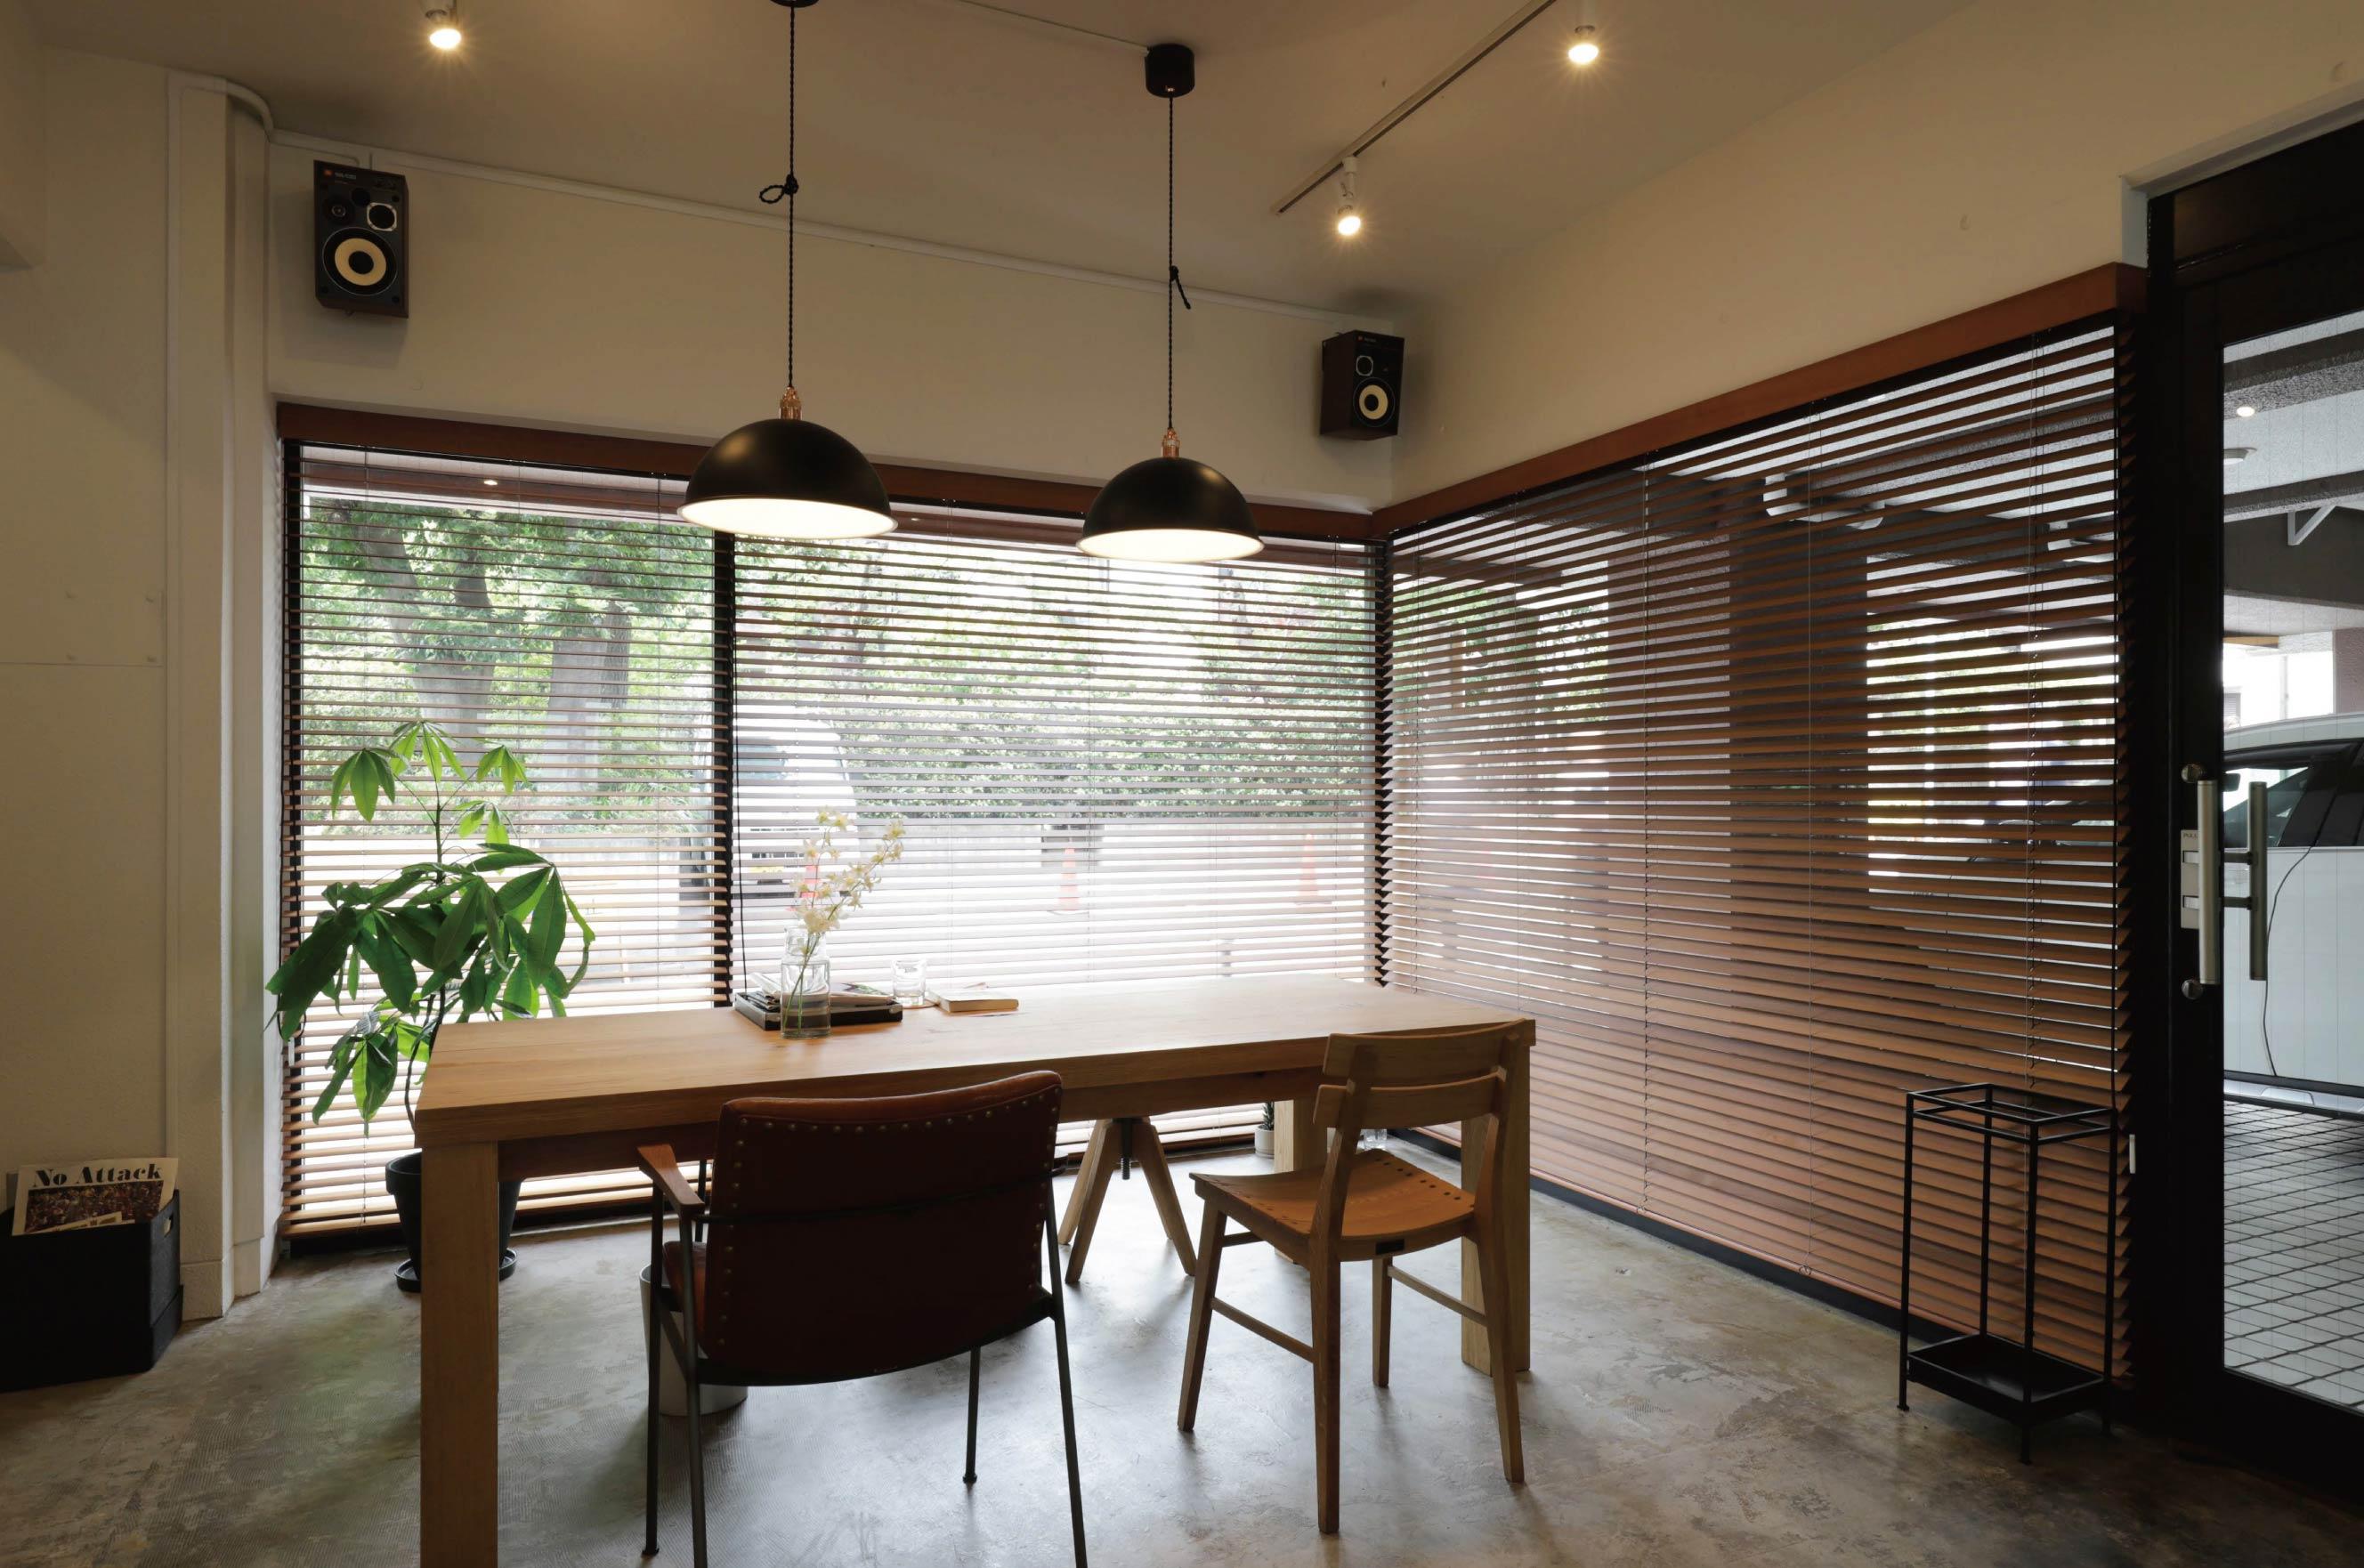 俵社オフィスです。都心にありながら四季の自然が心地よい周辺環境が気に入って昨年 移転しました。